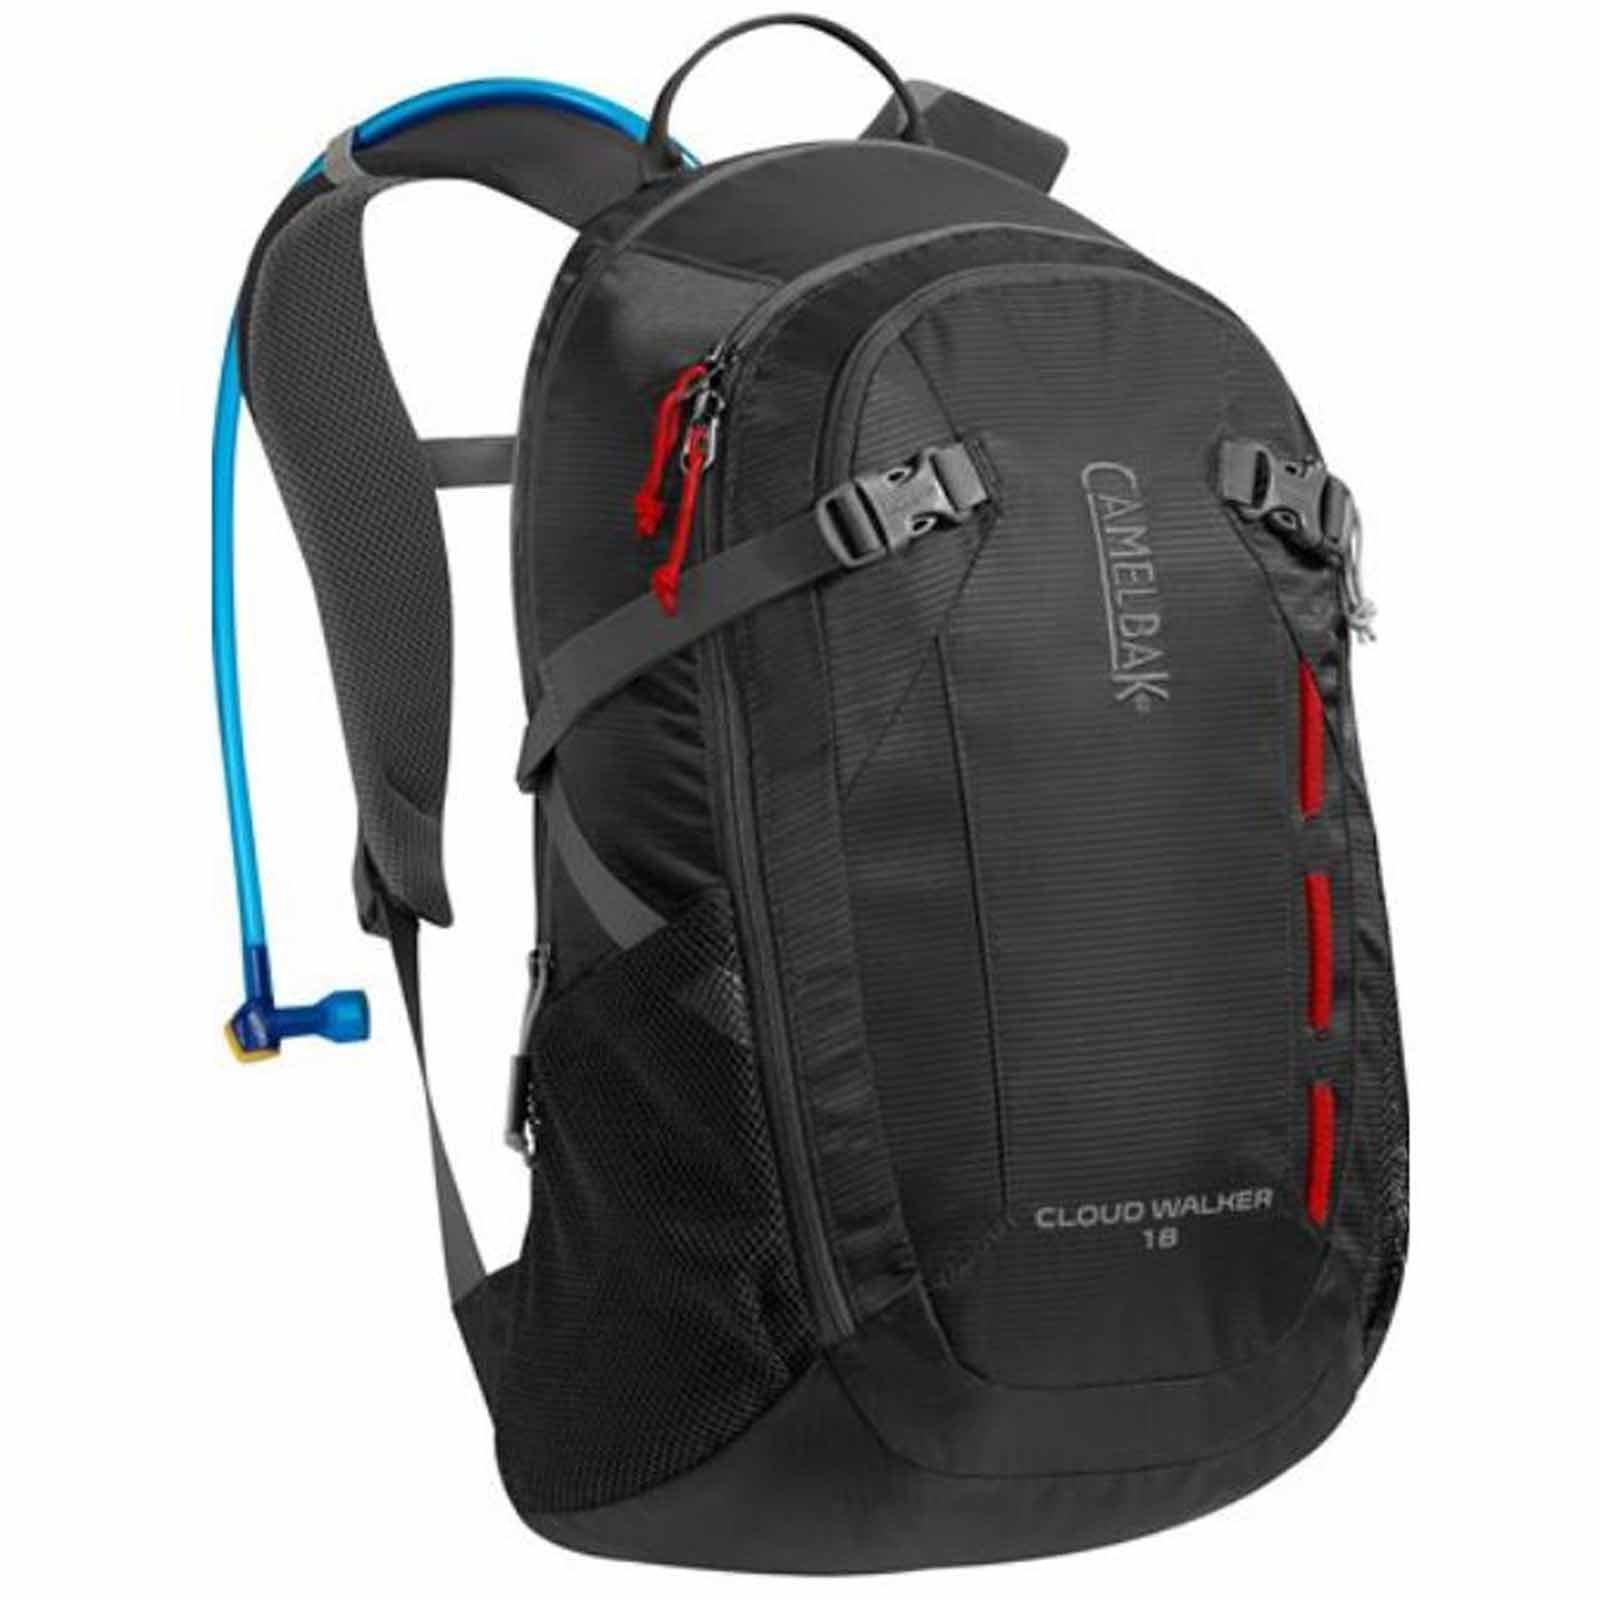 ├登山樂┤美國 Camelbak Cloud Walker 18 登山健行背包(附2L水袋)炭灰、威尼斯紅 # CB62180、CB62182